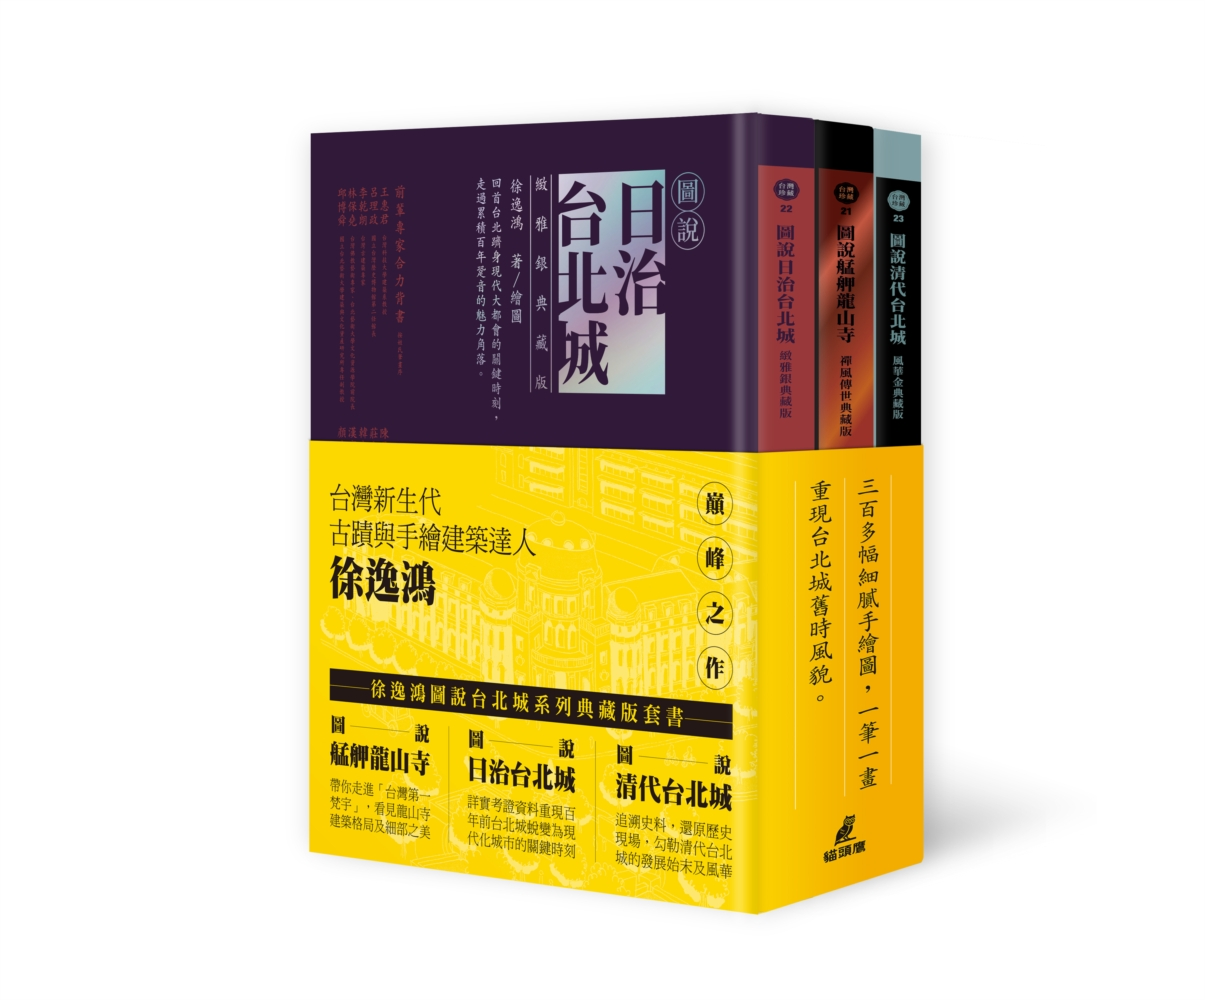 徐逸鴻圖說台北城系列典藏版套書...